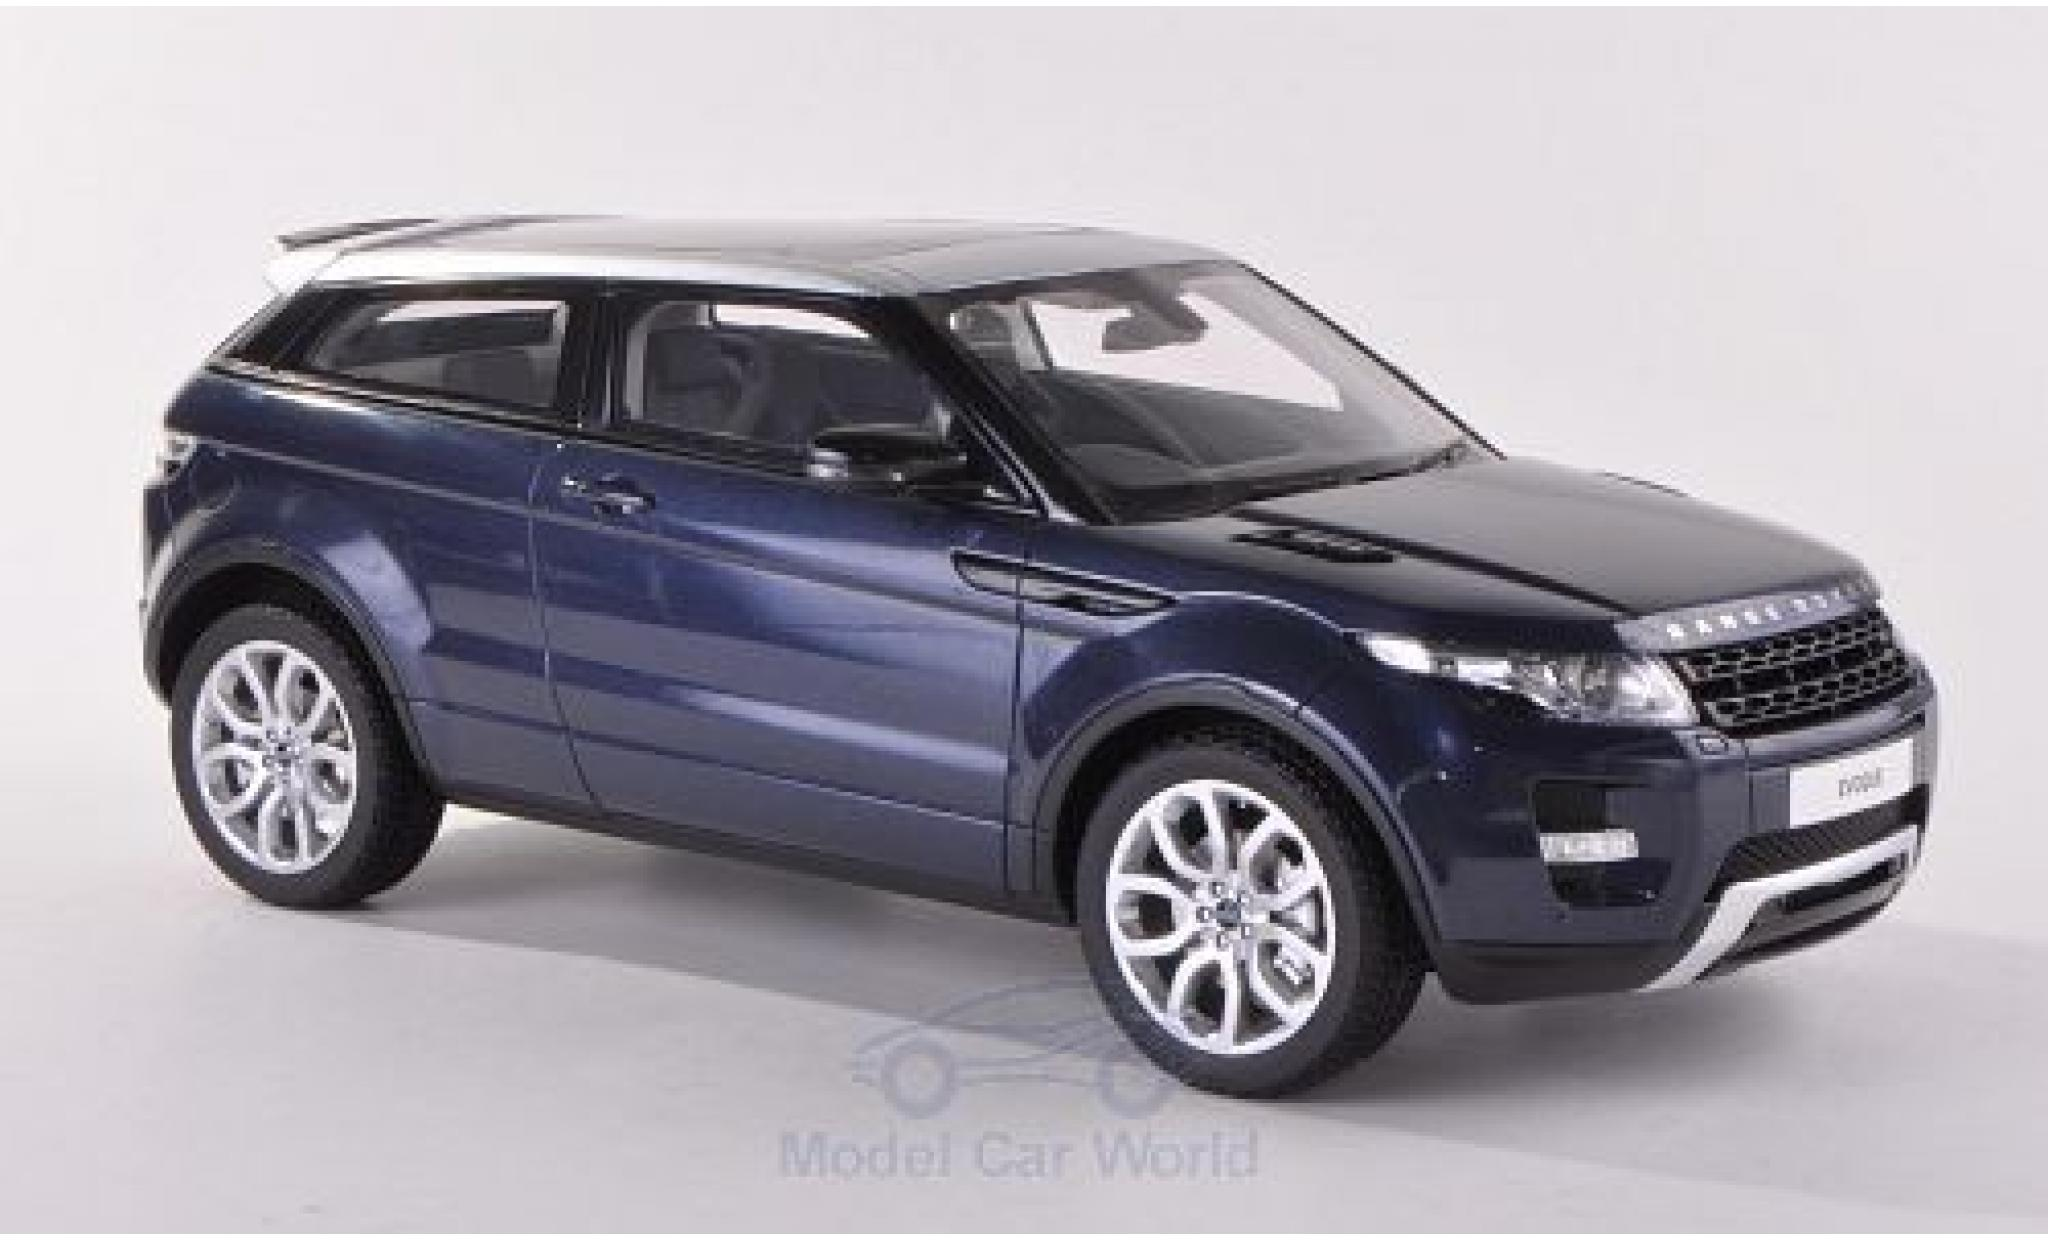 Land Rover Range Rover 1/18 Century Dragon Evoque metallise bleue RHD 2011 ohne Vitrine